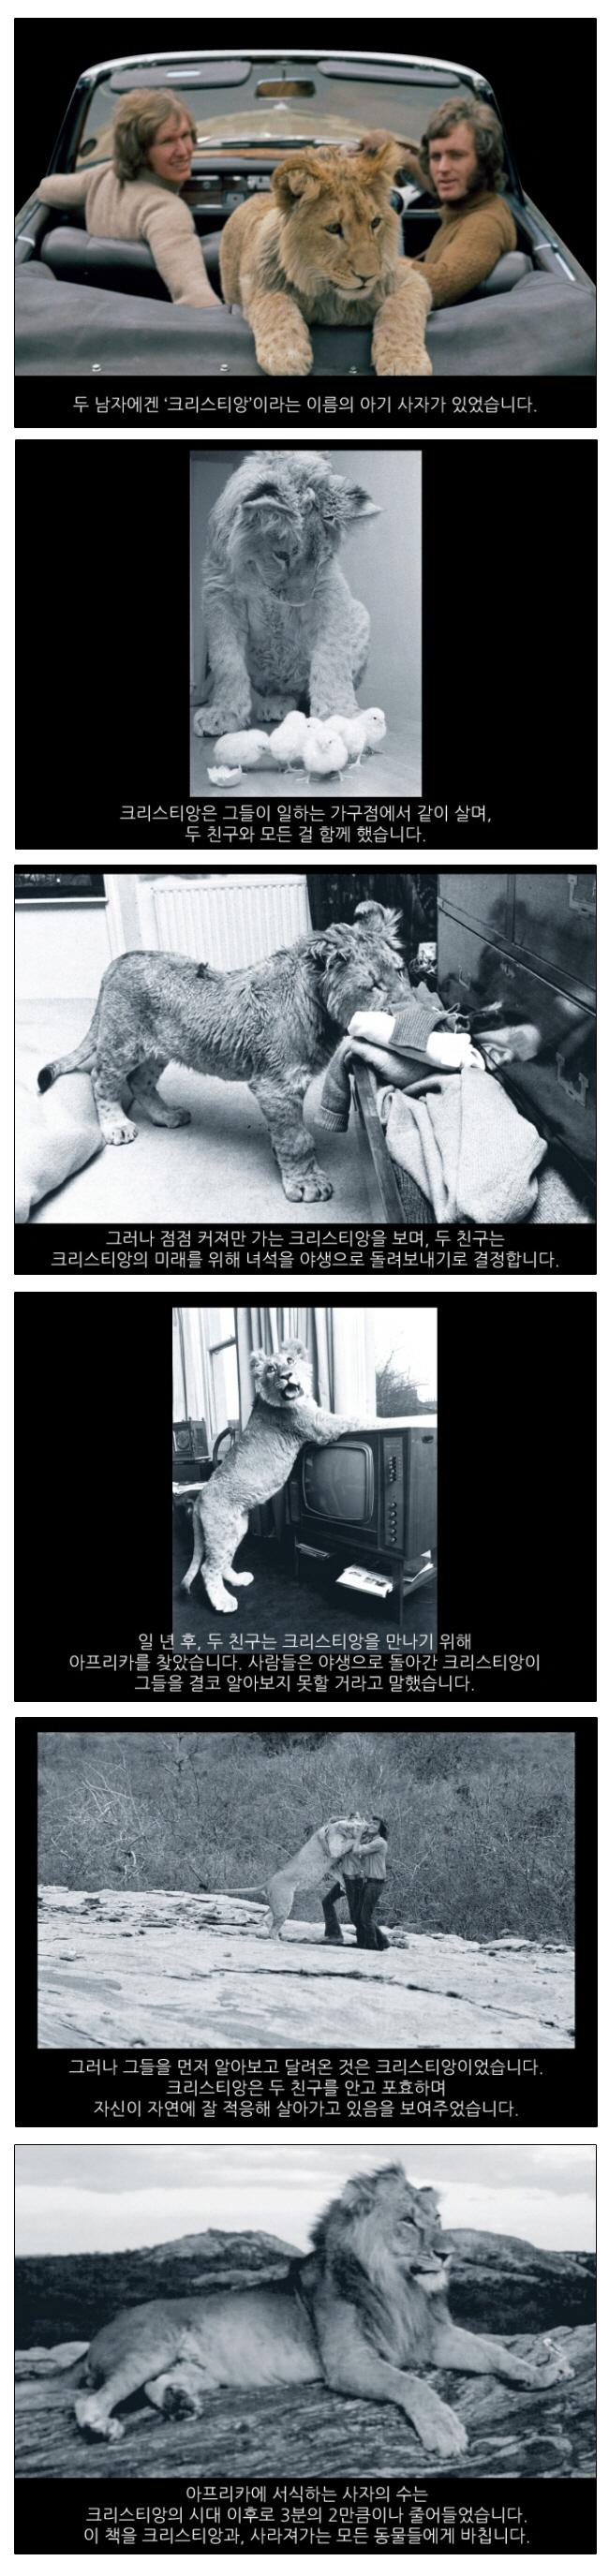 크리스티앙(양장본 HardCover) 도서 상세이미지